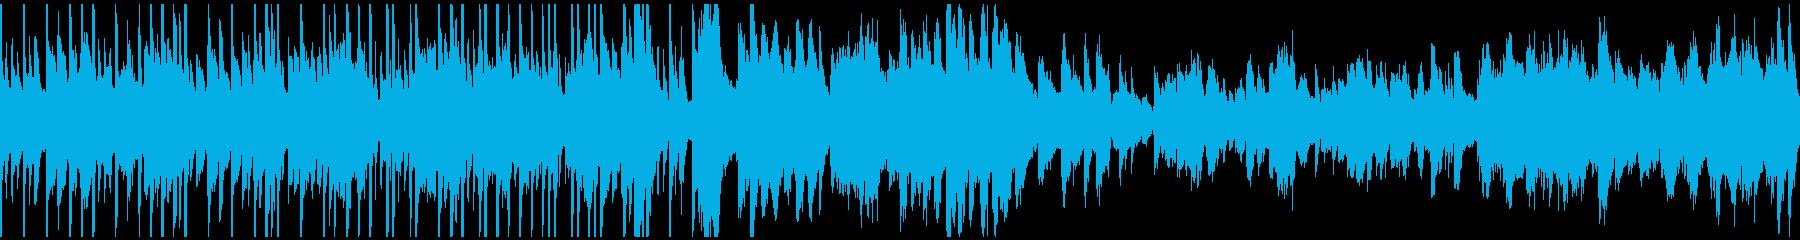 回想BGM02(ループ仕様)の再生済みの波形